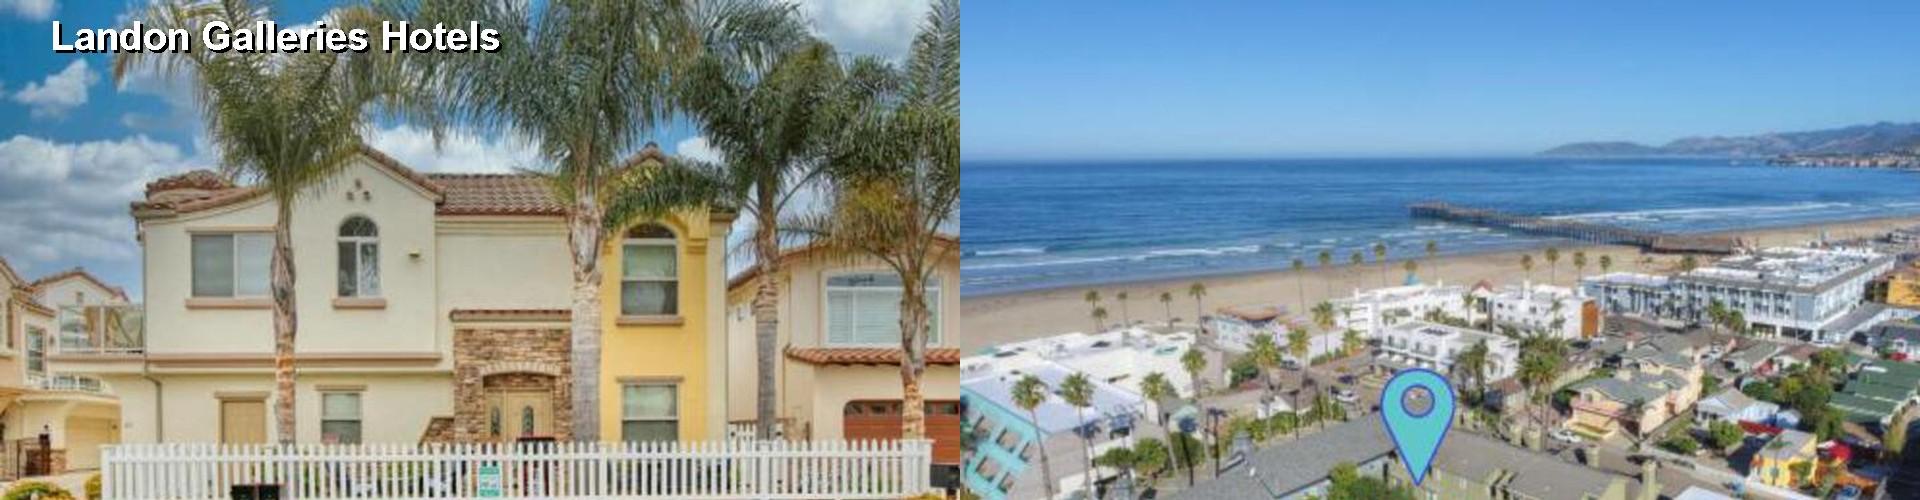 Cheap Hotels Near Avila Beach